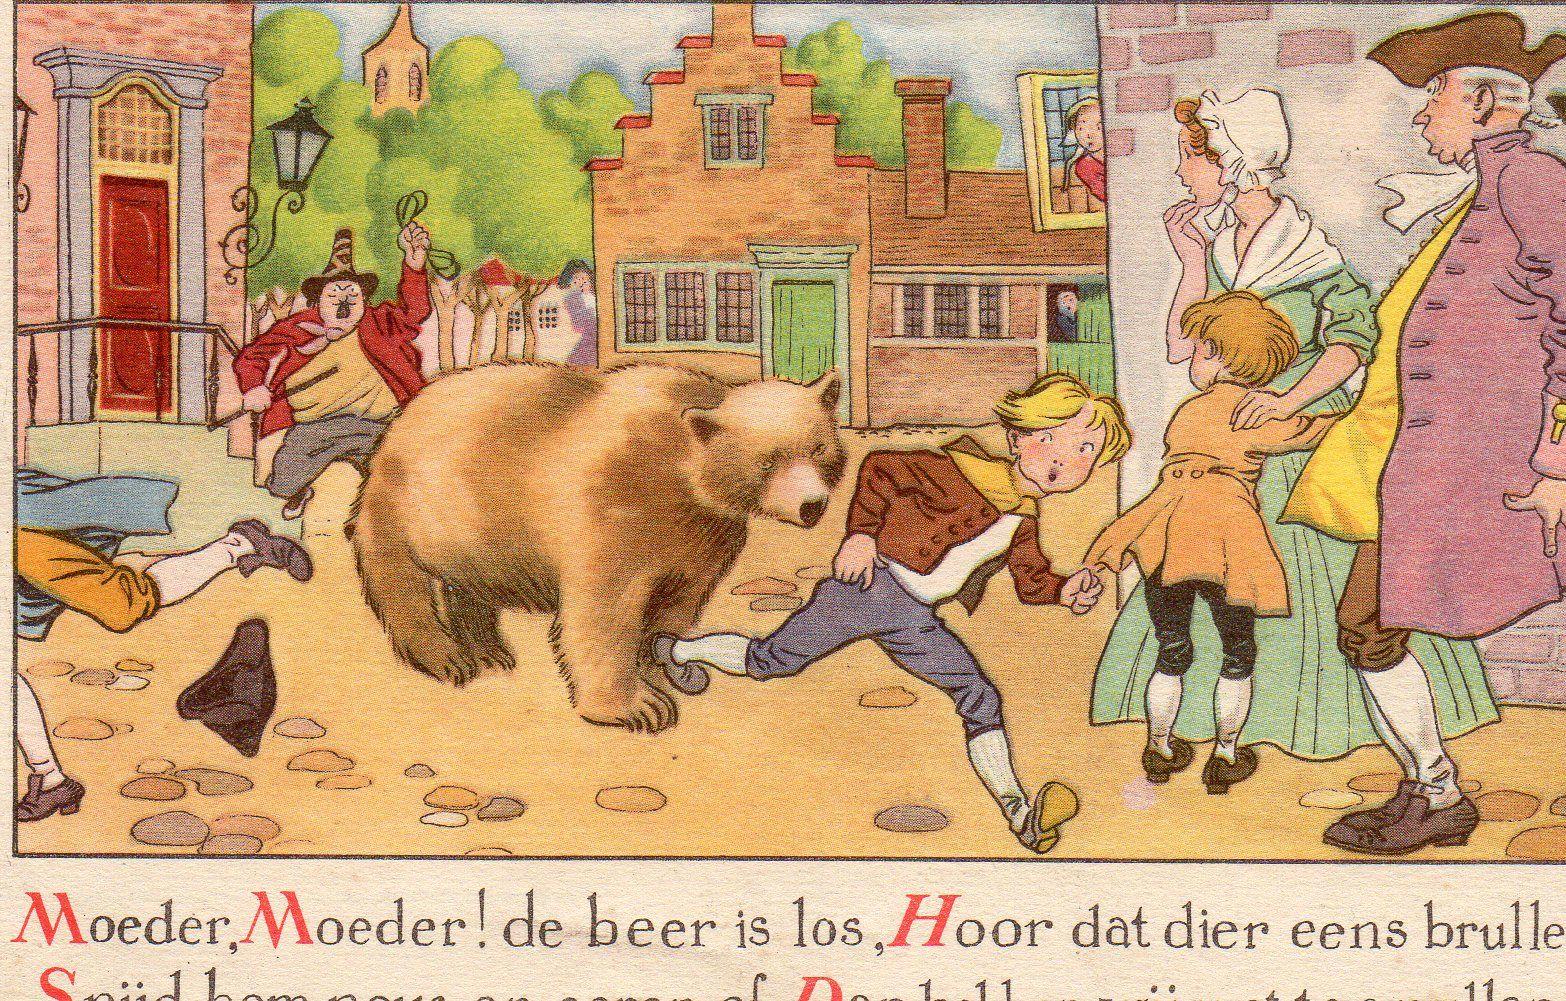 Moeder, moeder, de beer is los